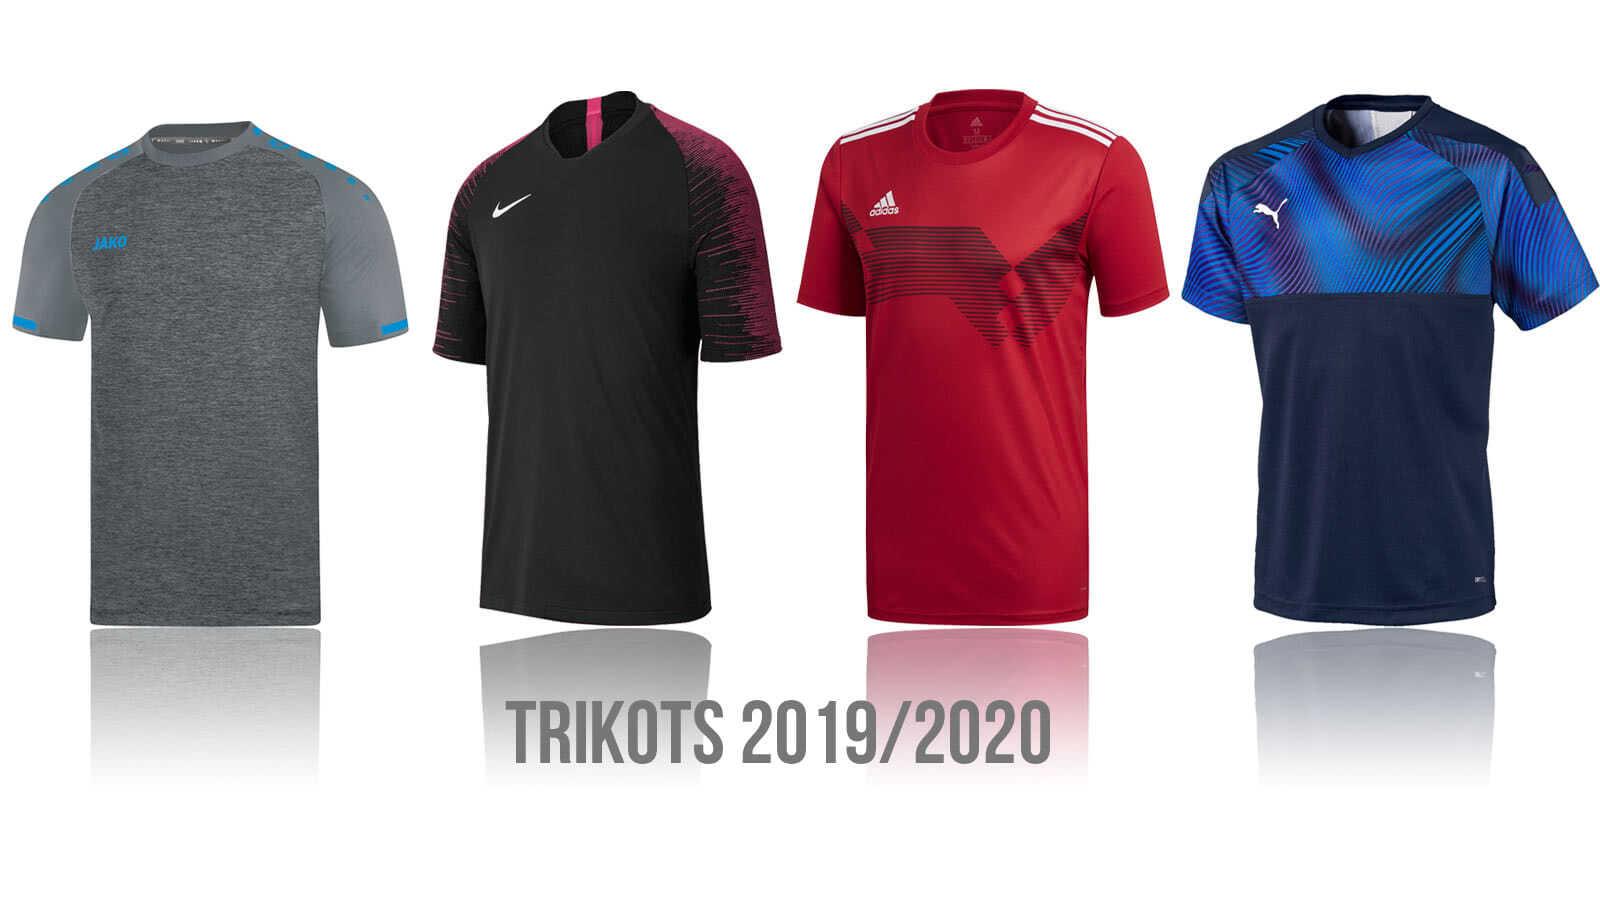 Das sind die Fußball Trikots 2019/2020 von adidas, nike, puma und jako